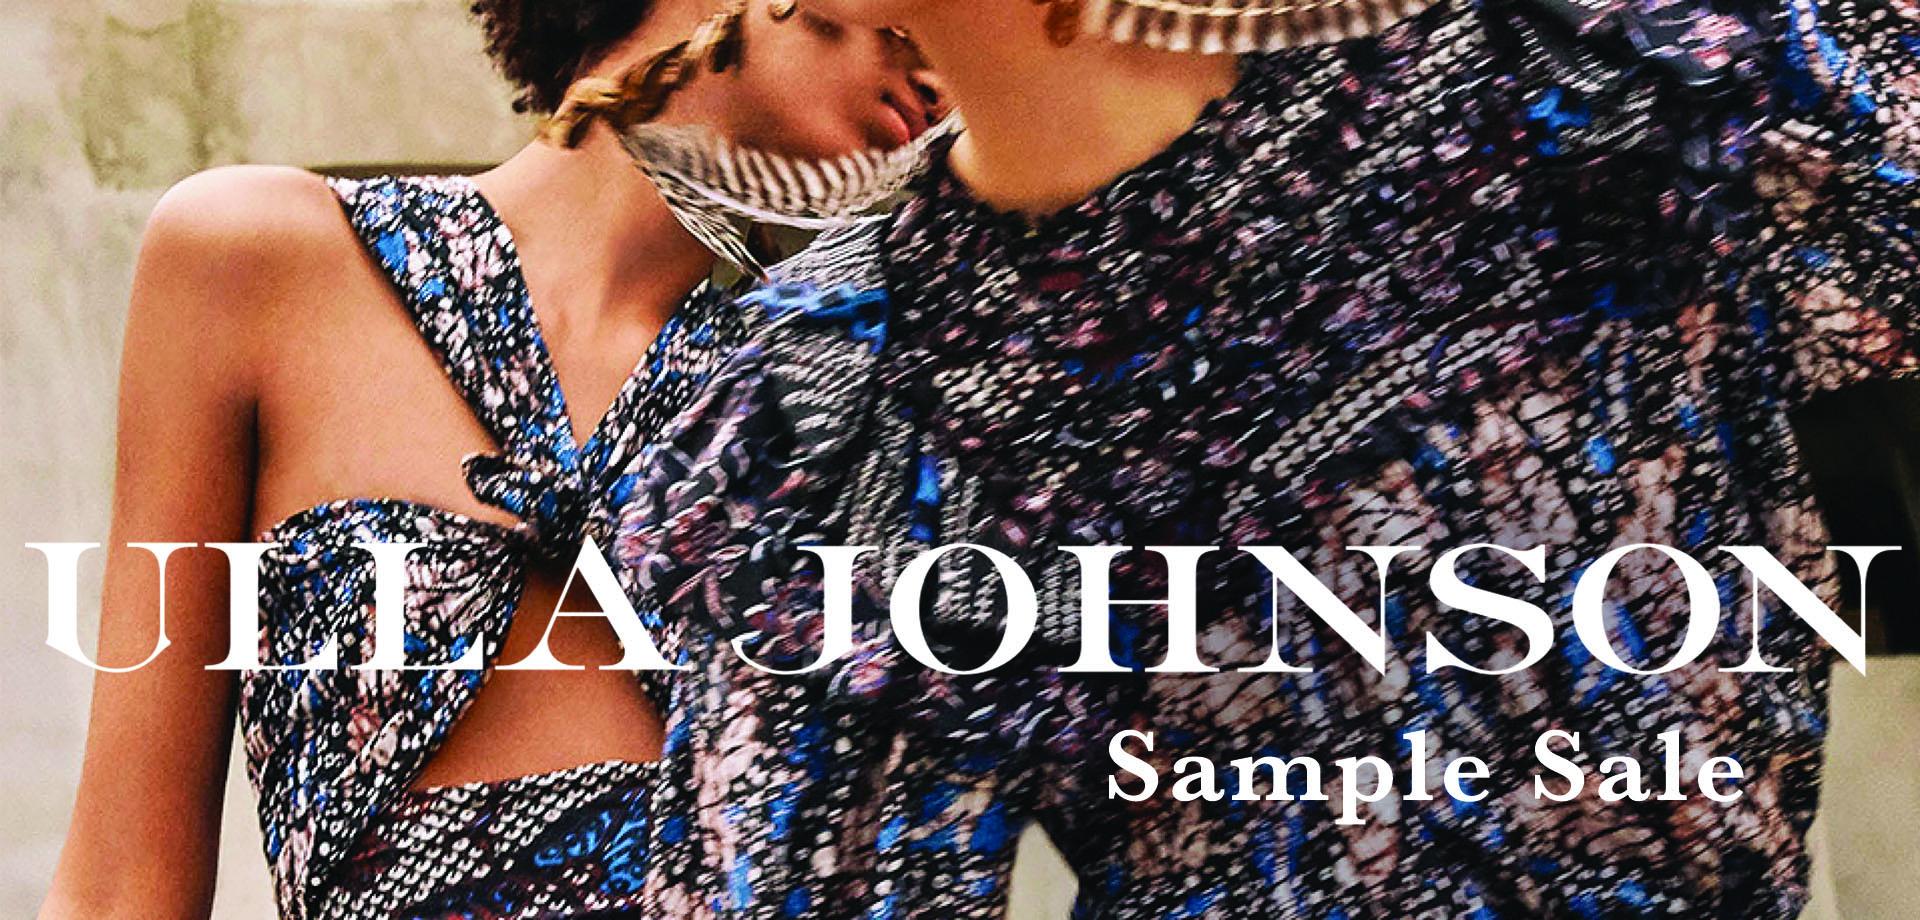 BANNER_Ulla-Johnson-Sample-Sale_260NY_JUNE-2019.jpg